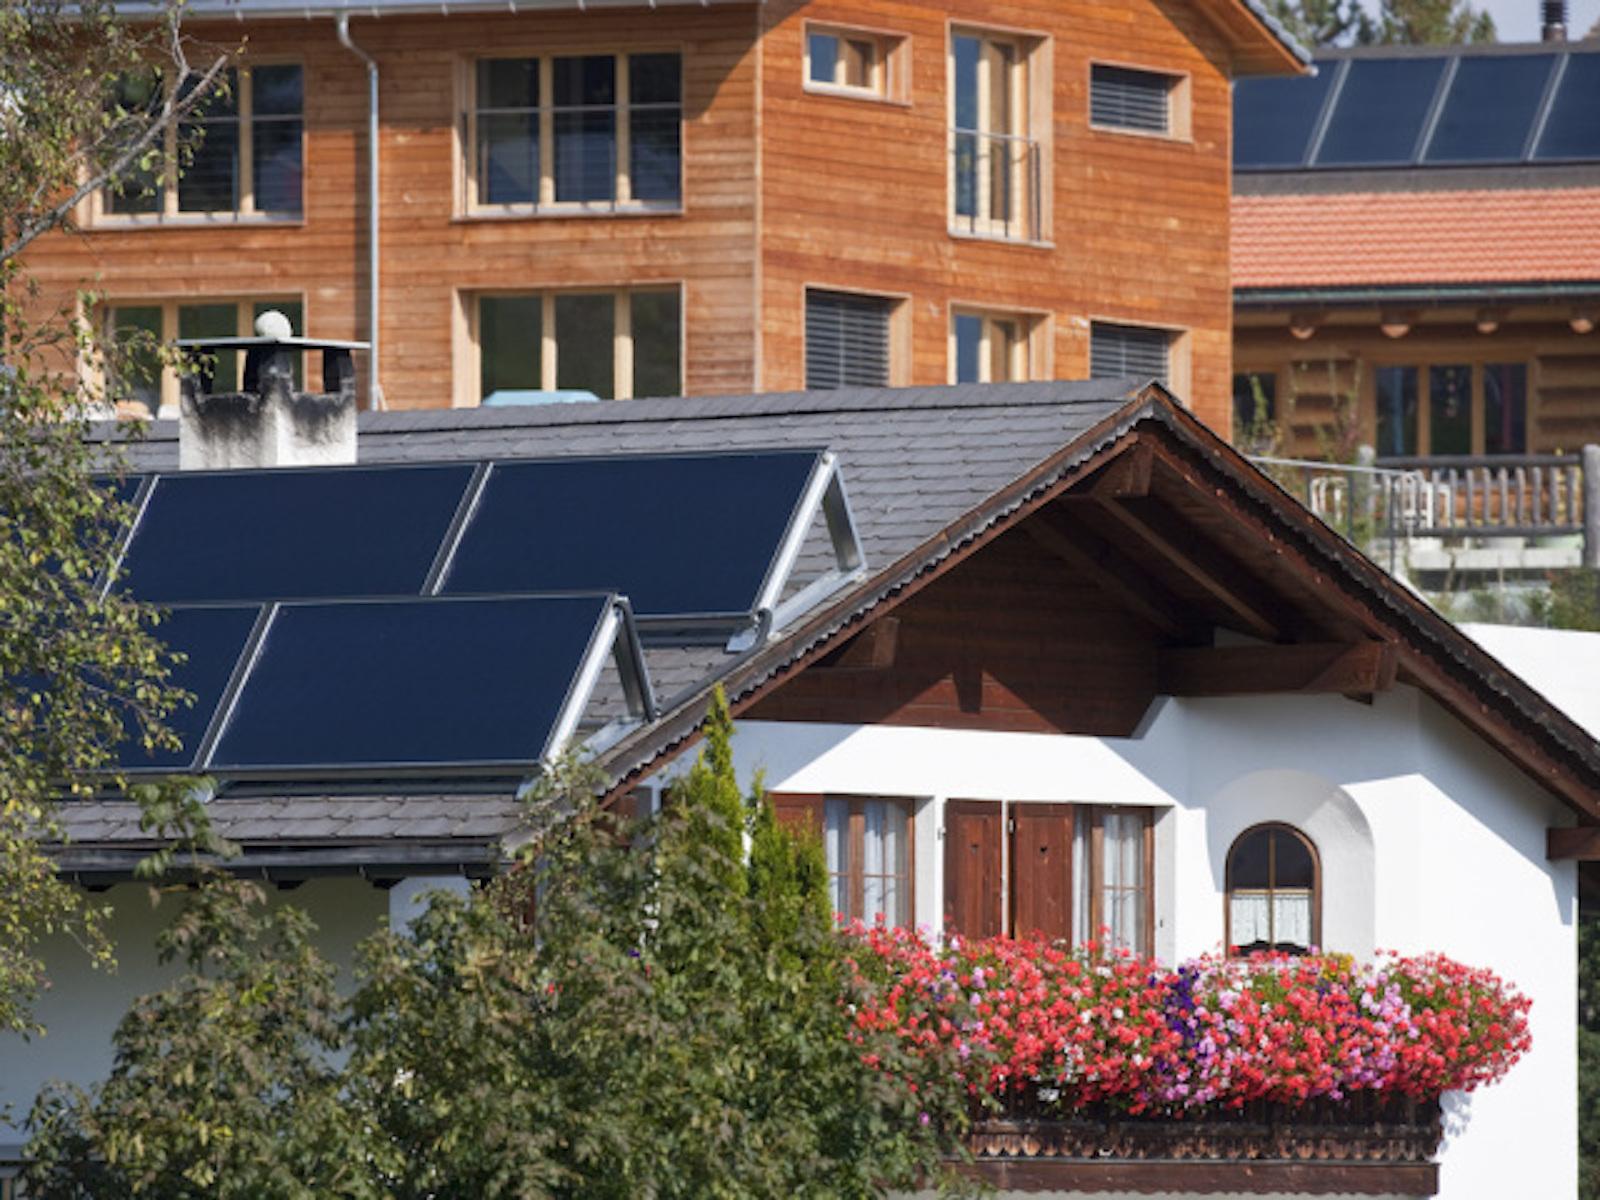 Le case intelligenti fanno risparmiare energia: pannelli solari sul tetto di una casa a Flerden GR. (Keystone/Gaetan Bally)